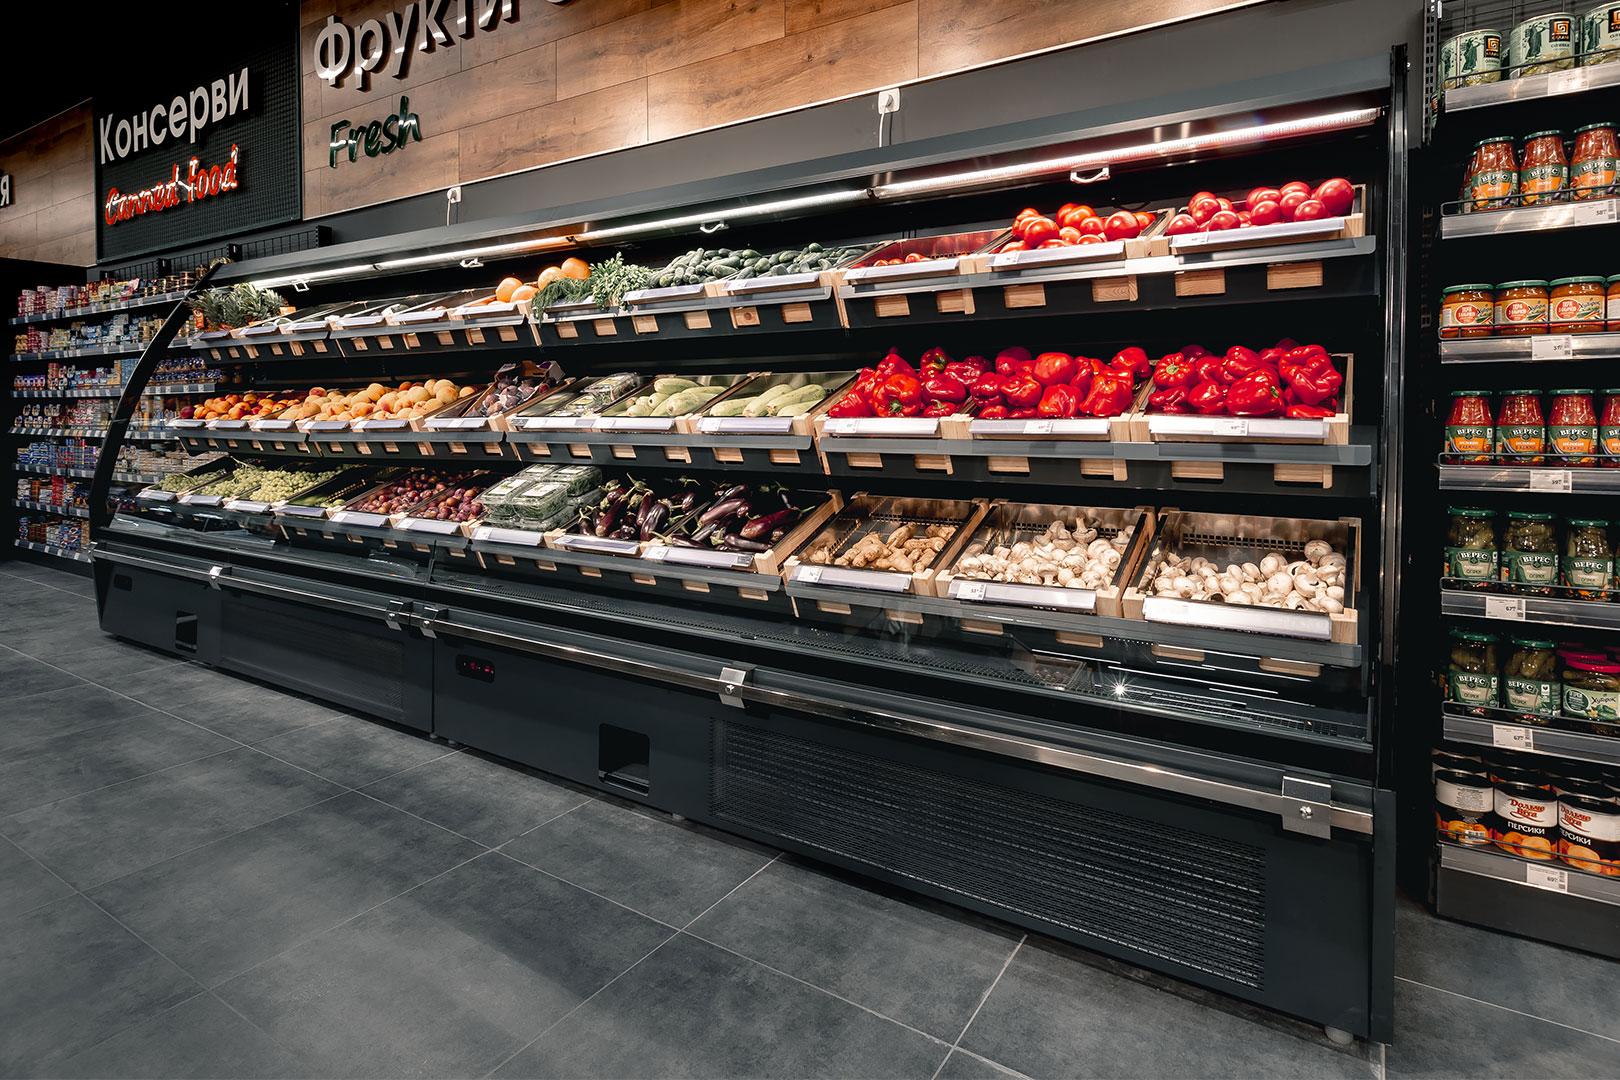 Спеціалізовані вітрини для продажу овочів та фруктів Louisiana eco ASV 105 VF O 180-DLA